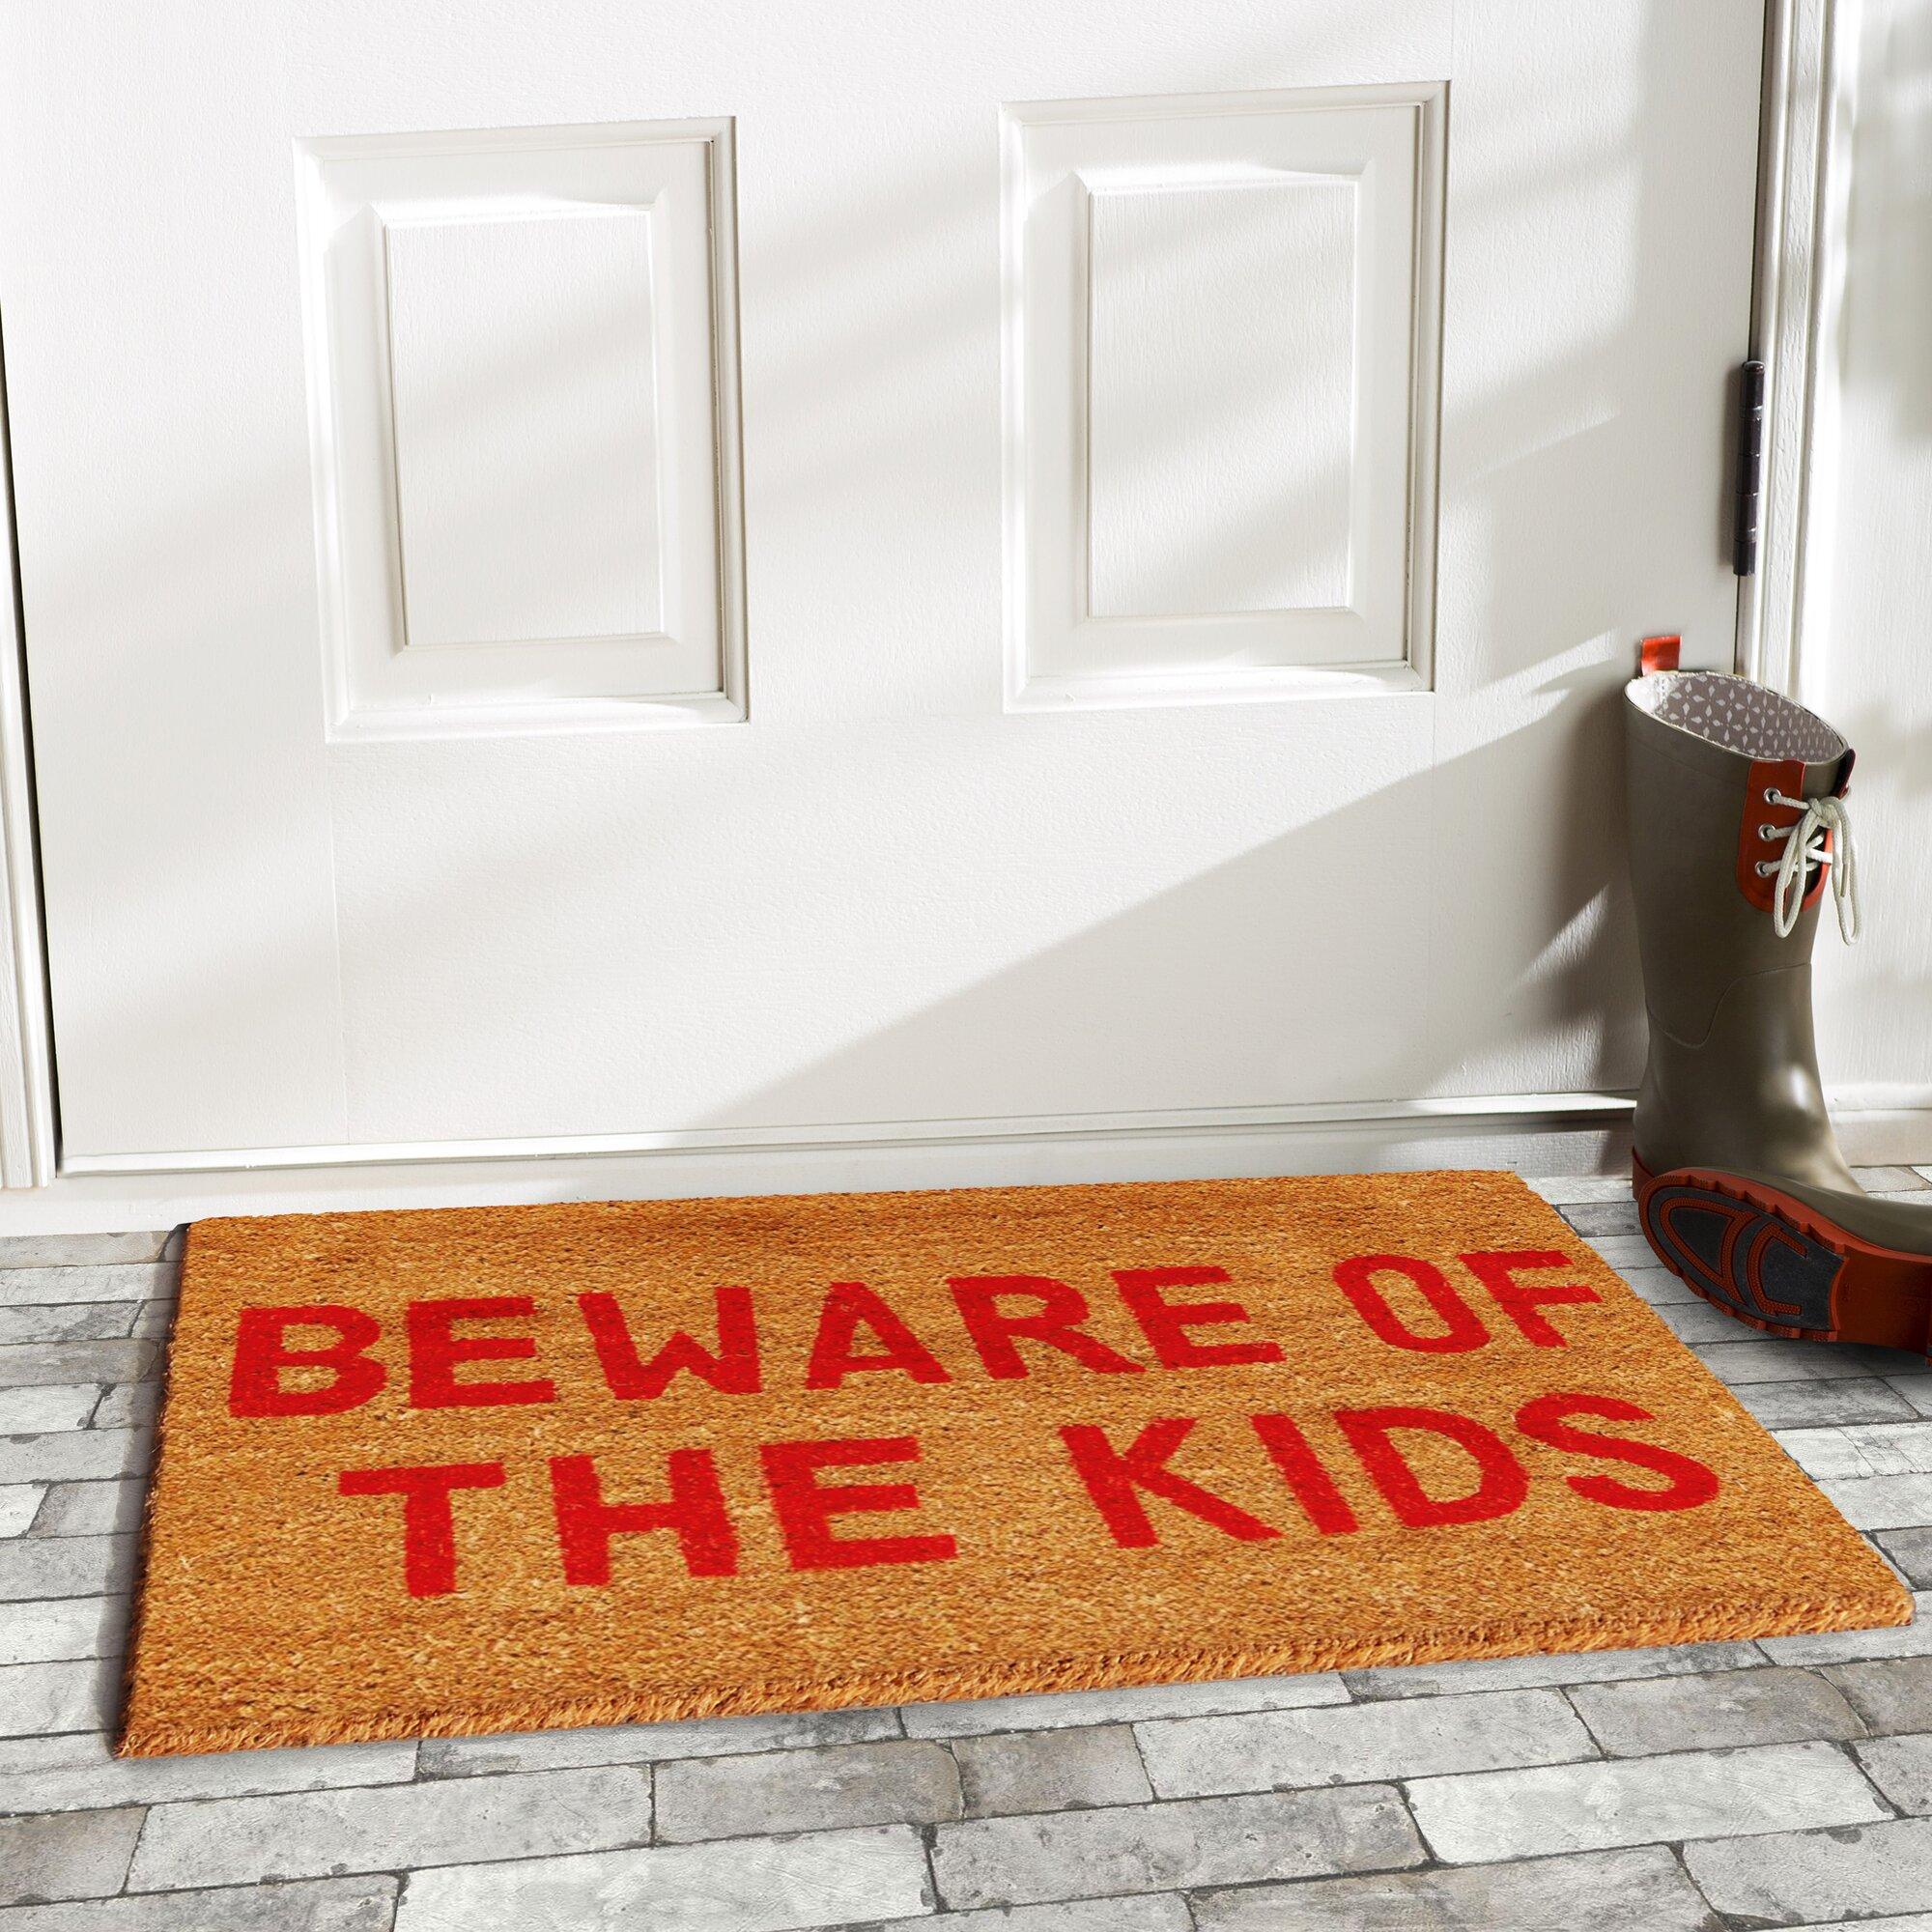 Home & More Beware Of The Kids Doormat & Reviews